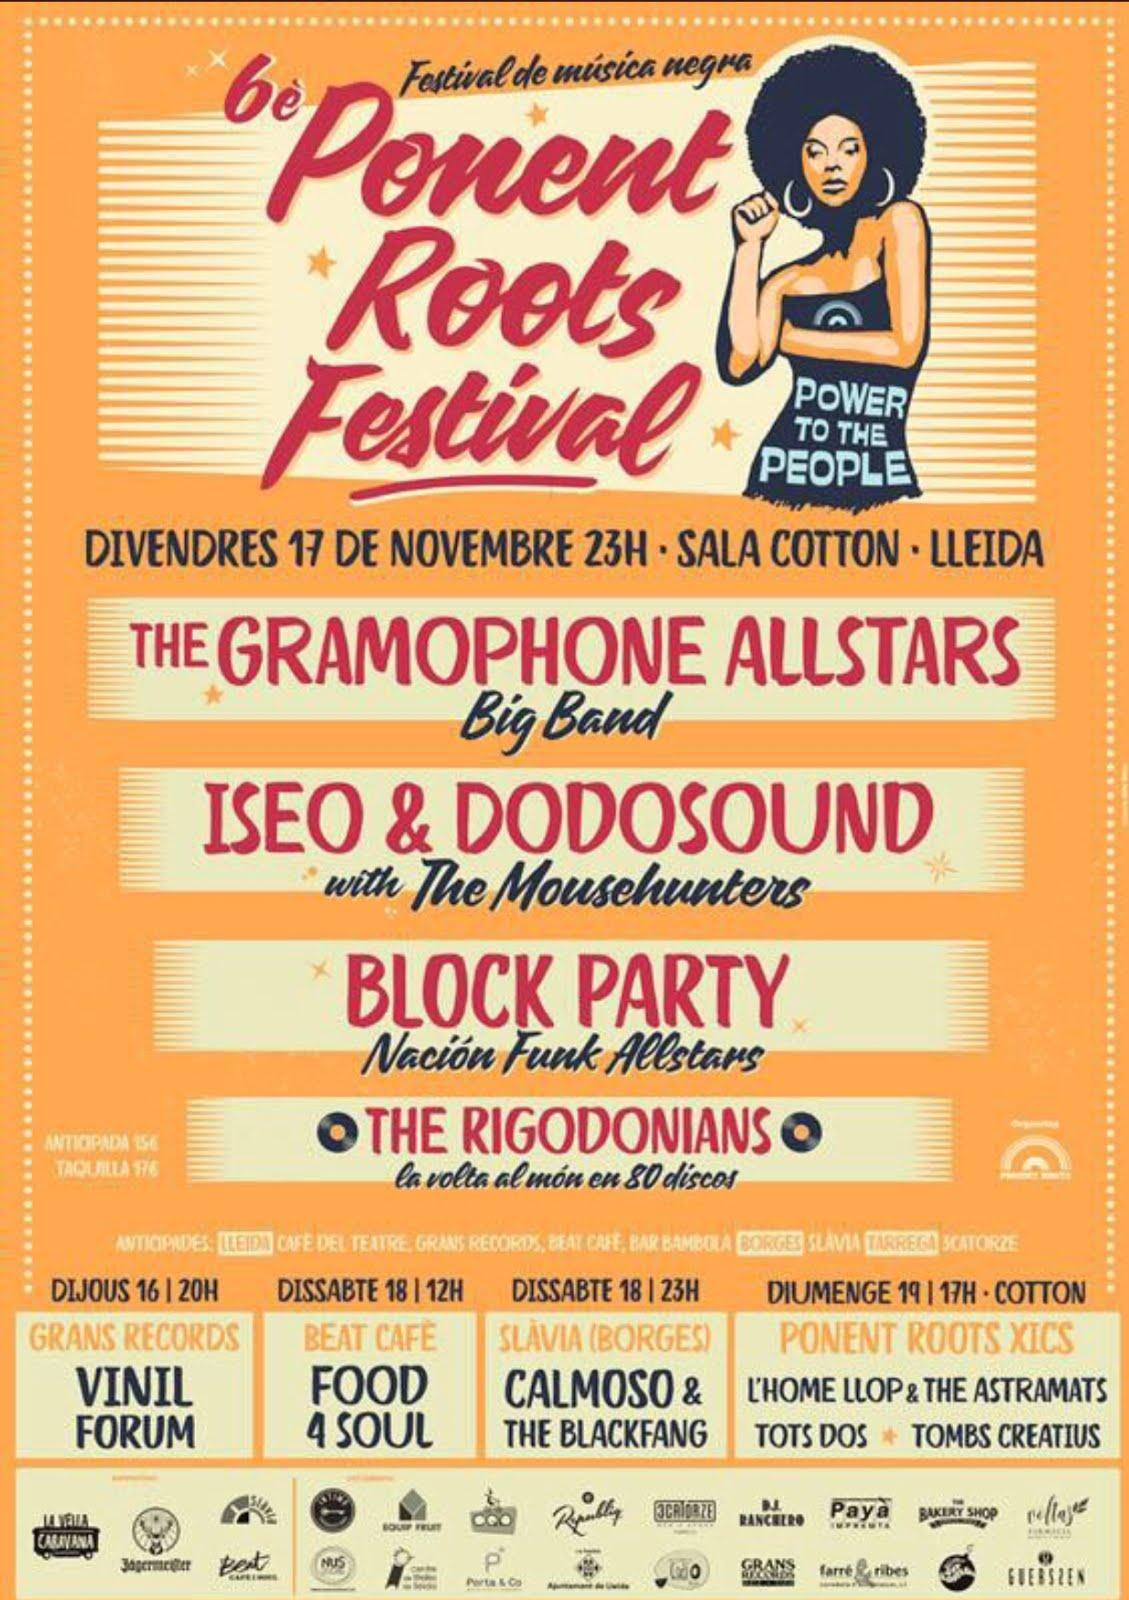 Festival de música negra